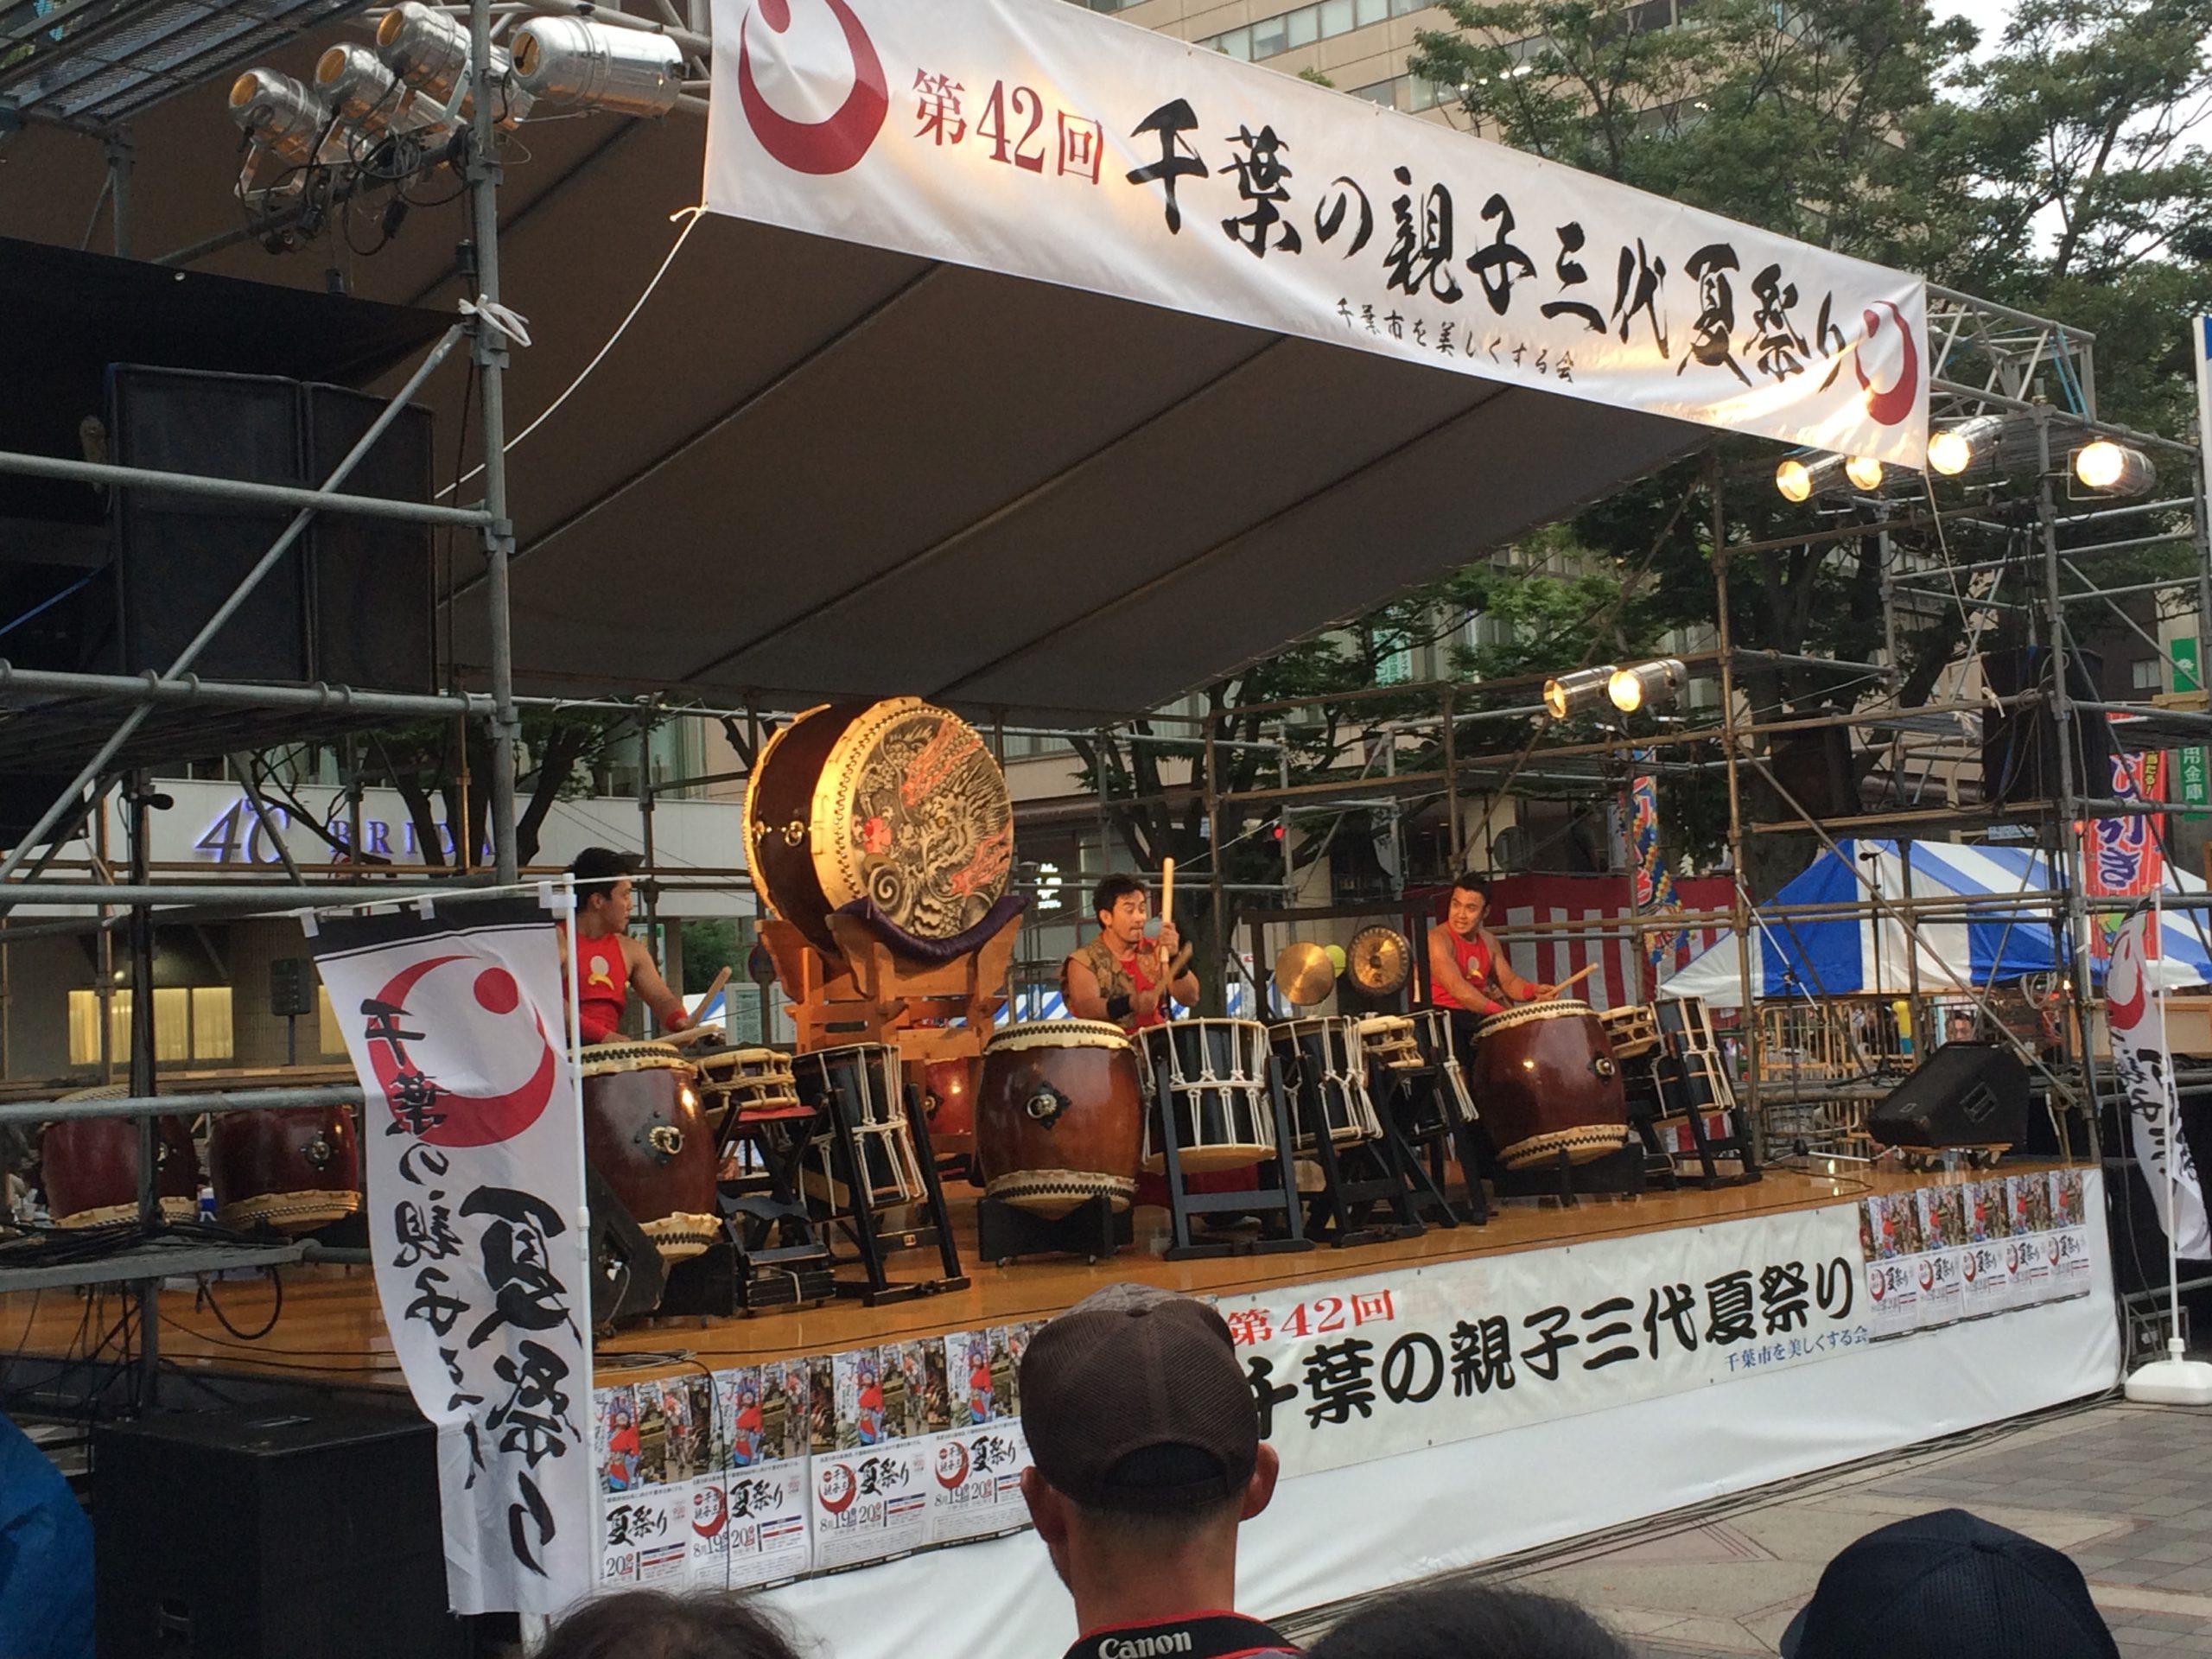 千葉の親子三代夏祭り実行委員会